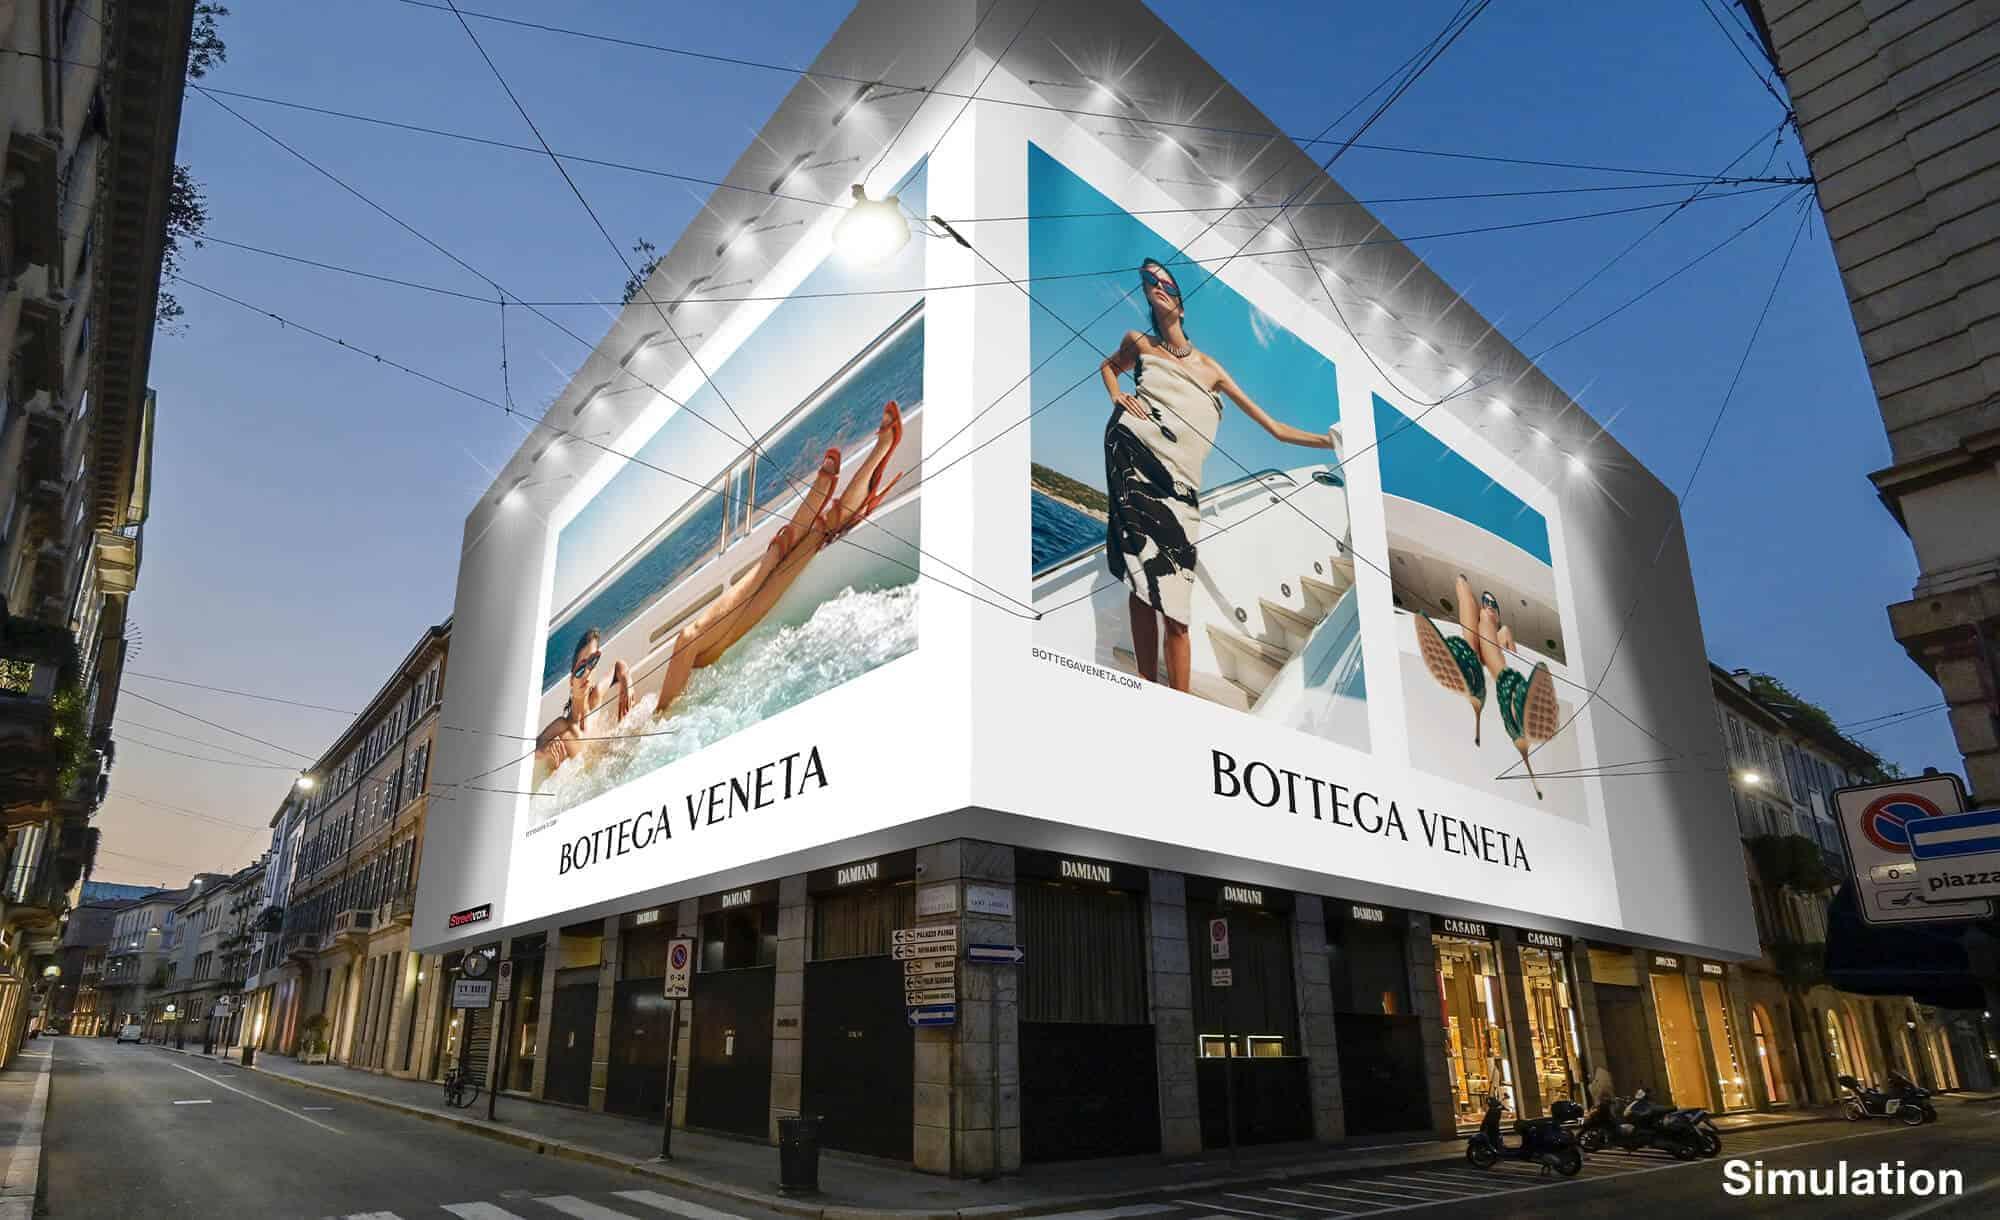 Maxi Affissione a Milano in Via Monte Napoleone 10 di Bottega Veneta (fashion)